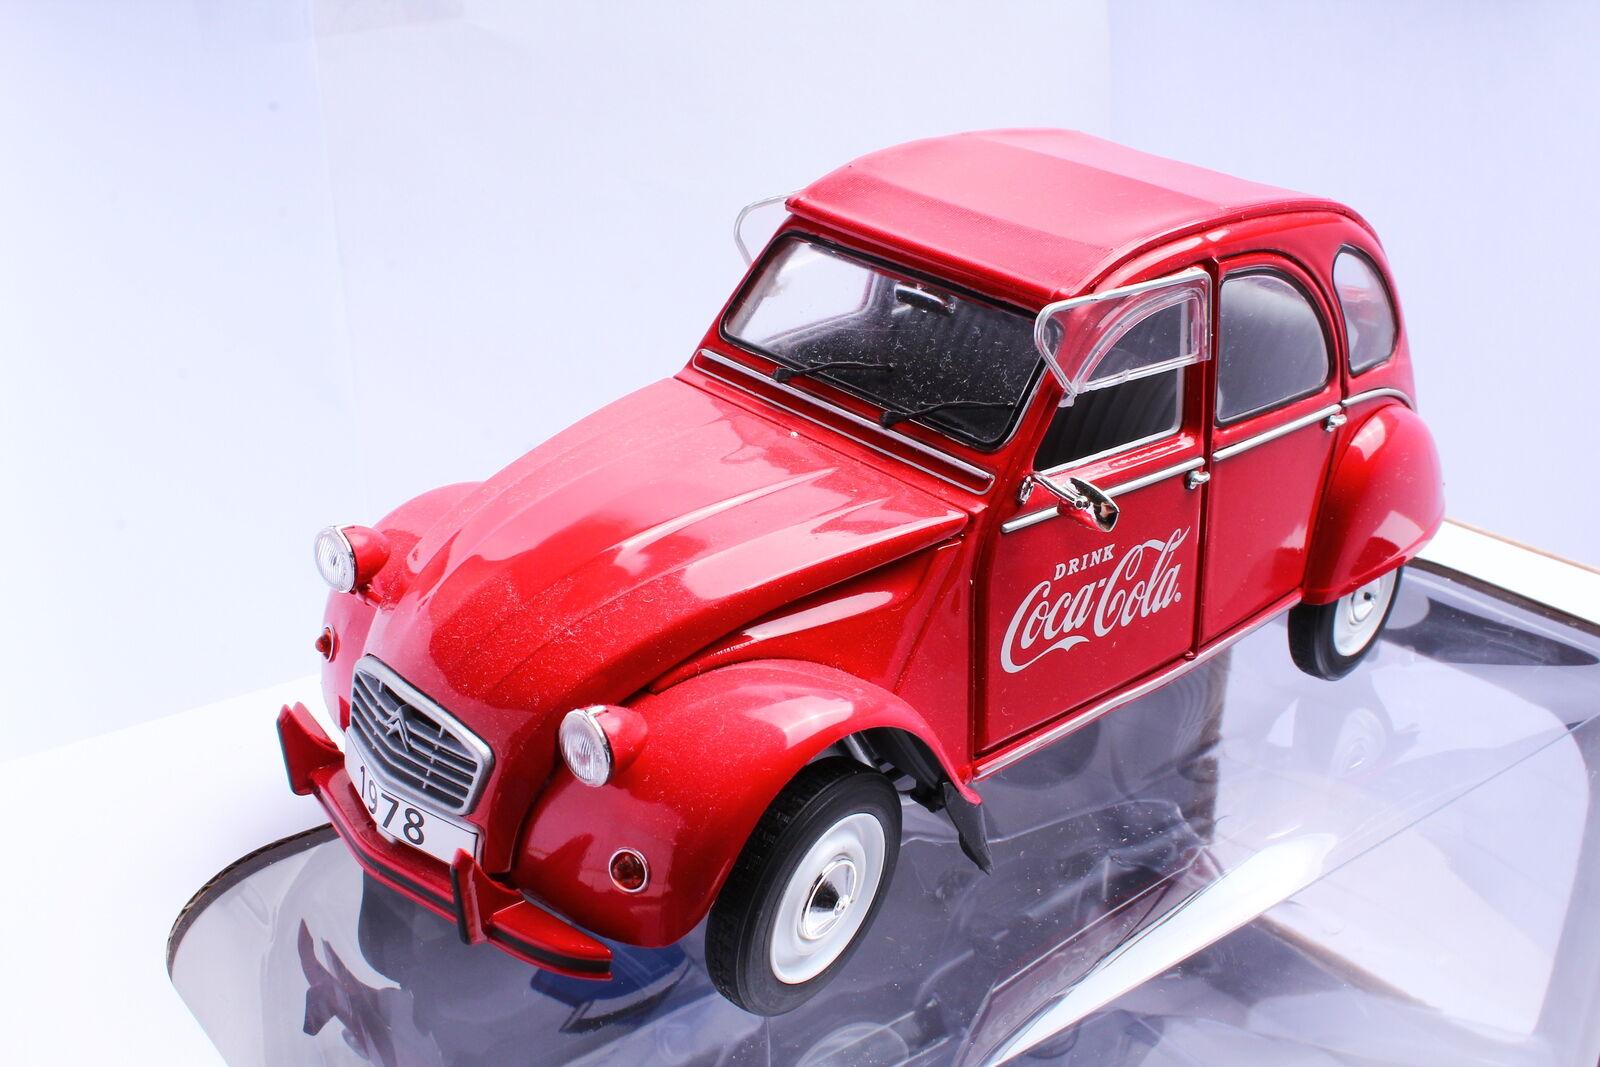 en stock Solido Citroën s1850008 2cv 6 1978 1978 1978 coca cola 1 18 OVP  hasta un 60% de descuento